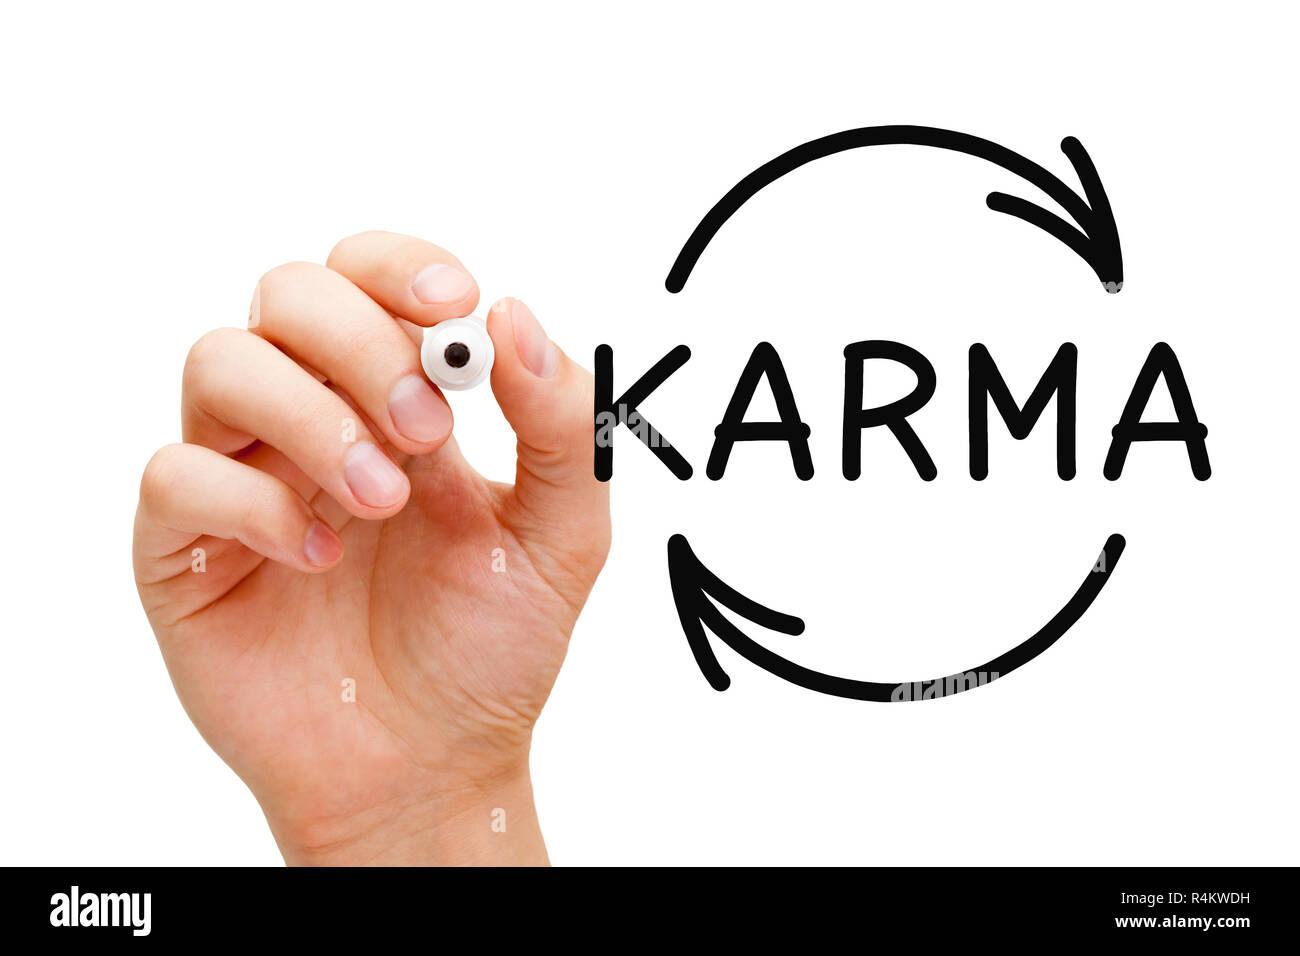 Karma Cycle Arrows Concept Stock Photo